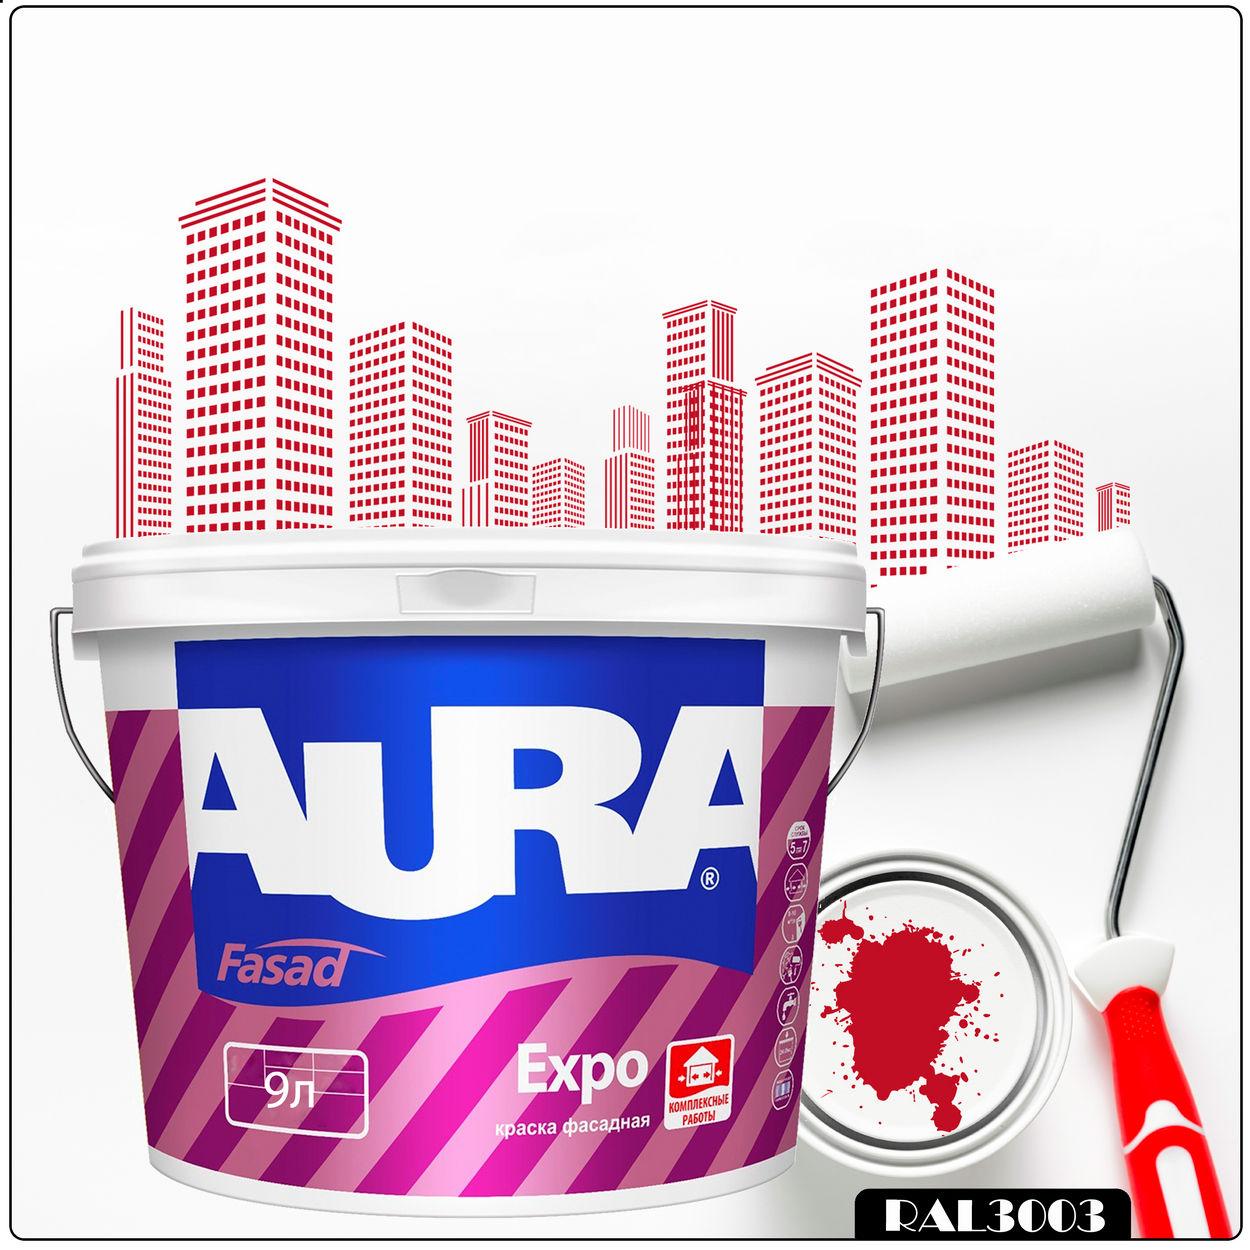 Фото 4 - Краска Aura Fasad Expo, RAL 3003 Рубиново-красный, матовая, для фасадов и помещений с повышенной влажностью, 9л.